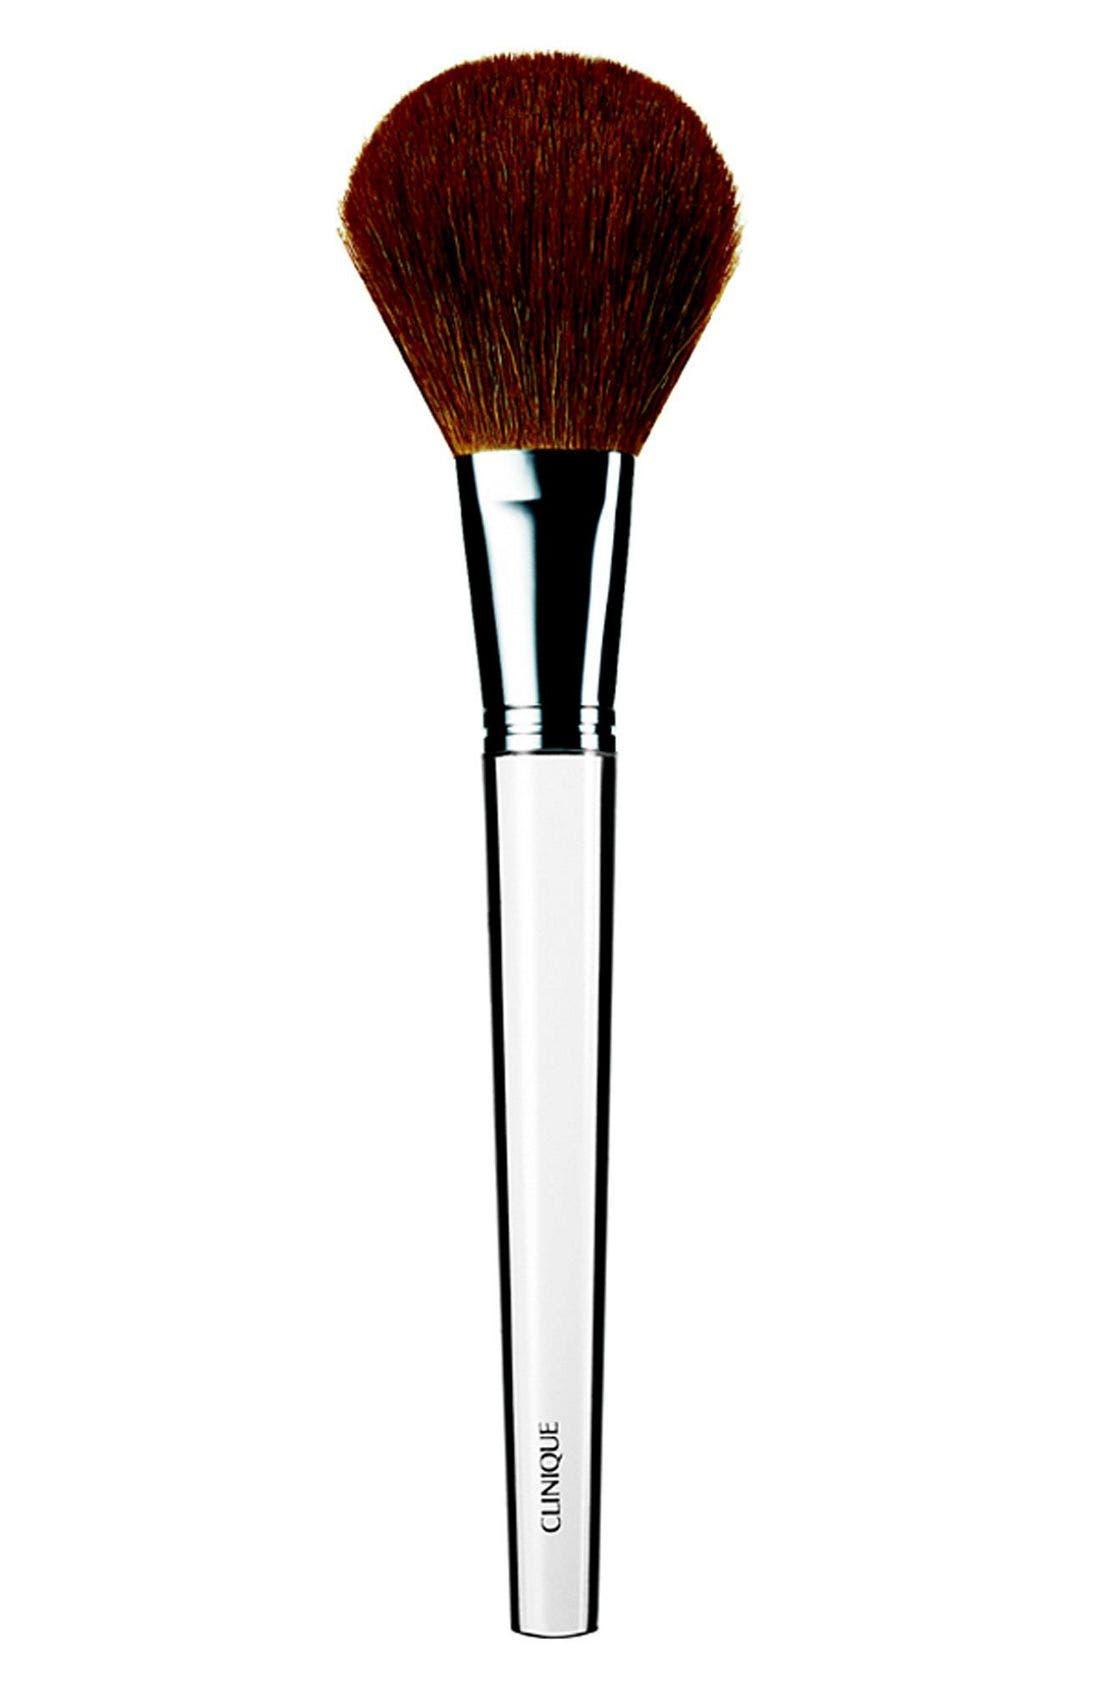 Powder Foundation Brush,                             Main thumbnail 1, color,                             NO COLOR